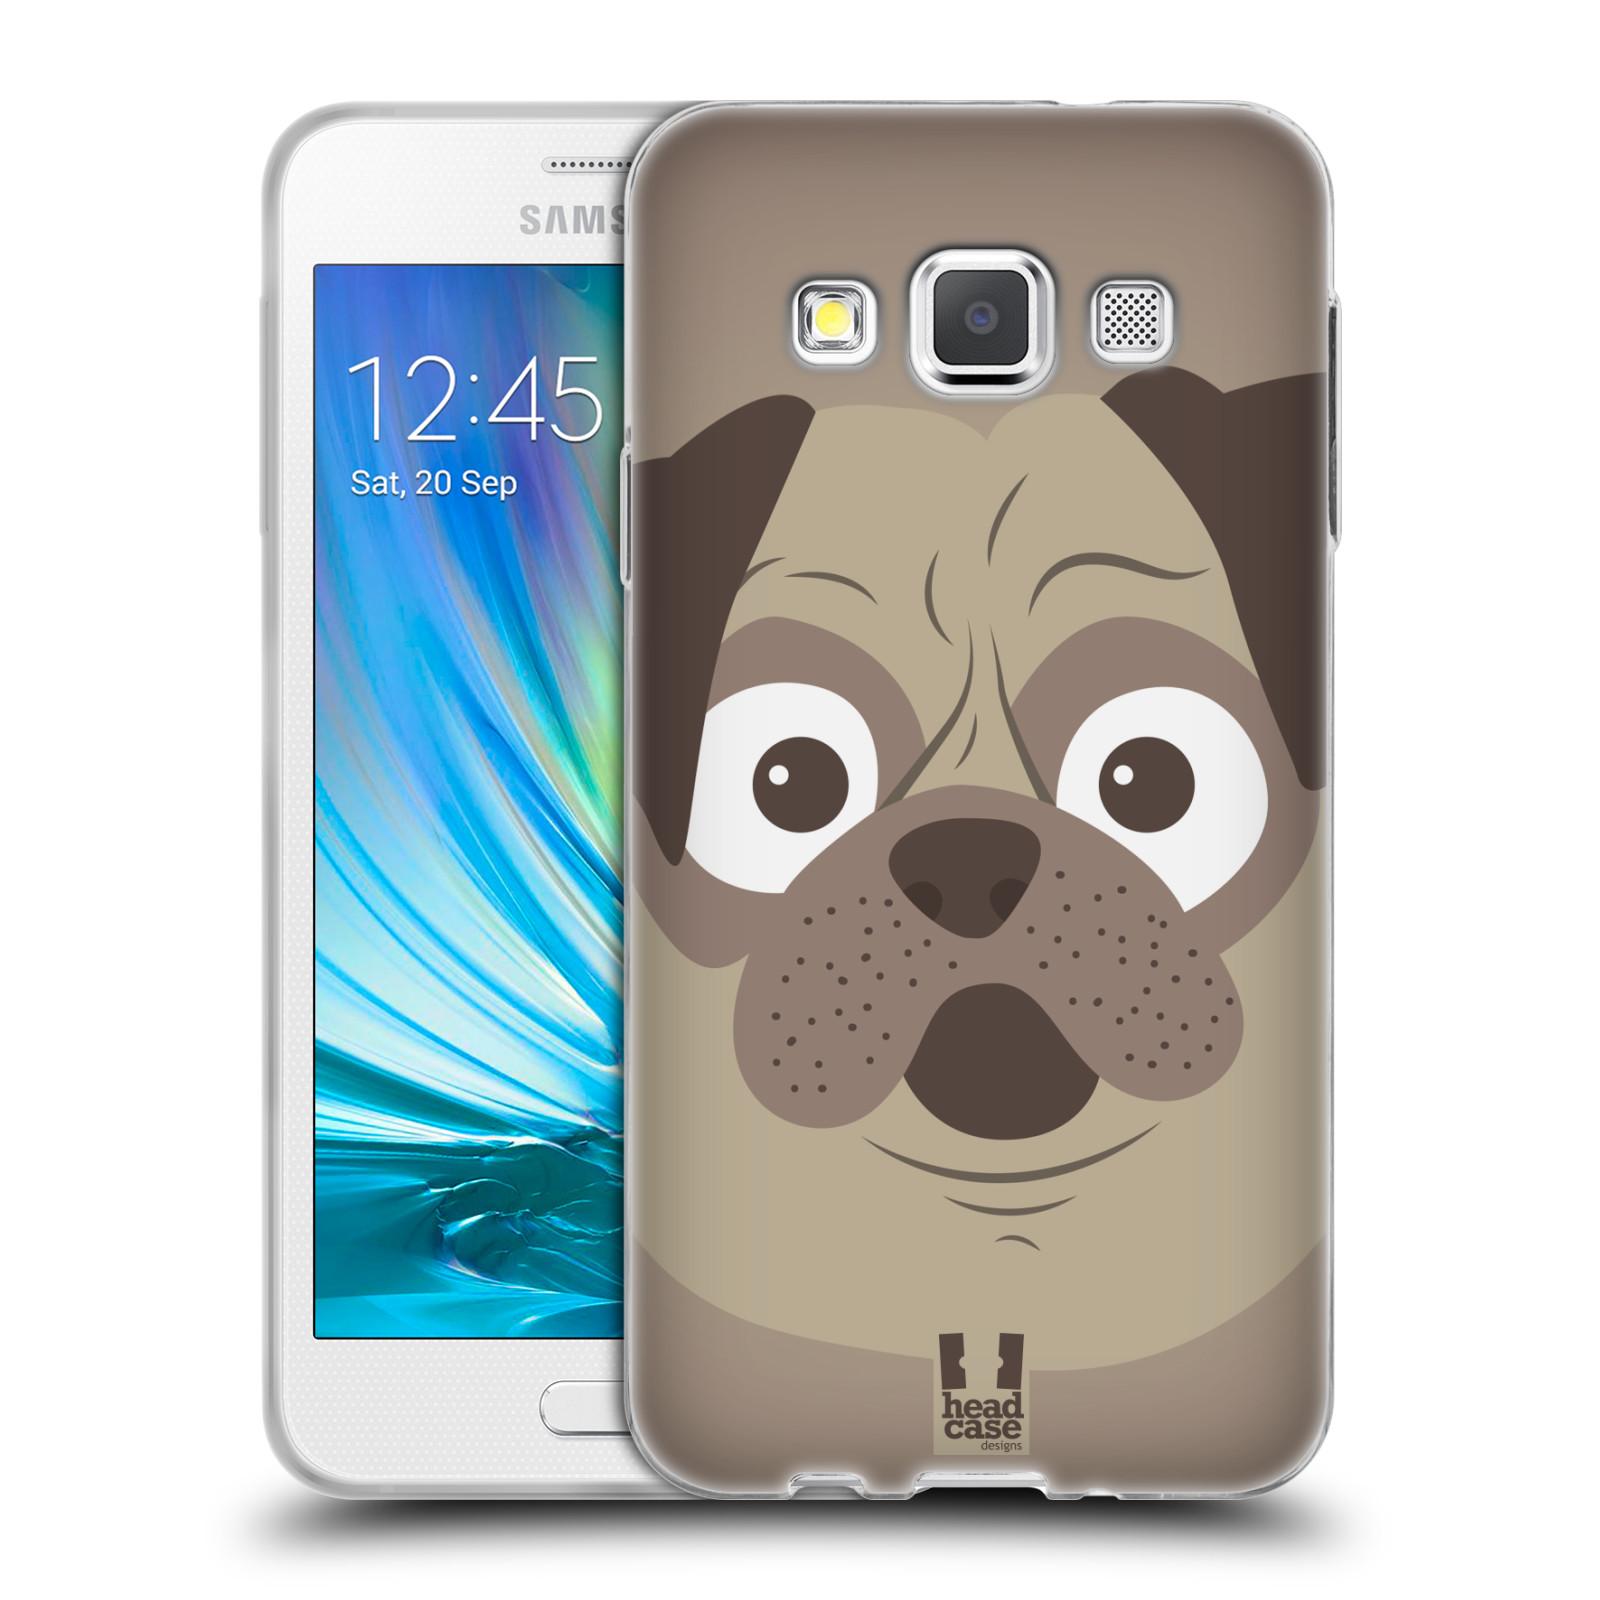 HEAD CASE silikonový obal na mobil Samsung Galaxy A3 vzor Cartoon Karikatura barevná kreslená zvířátka pes mopsík